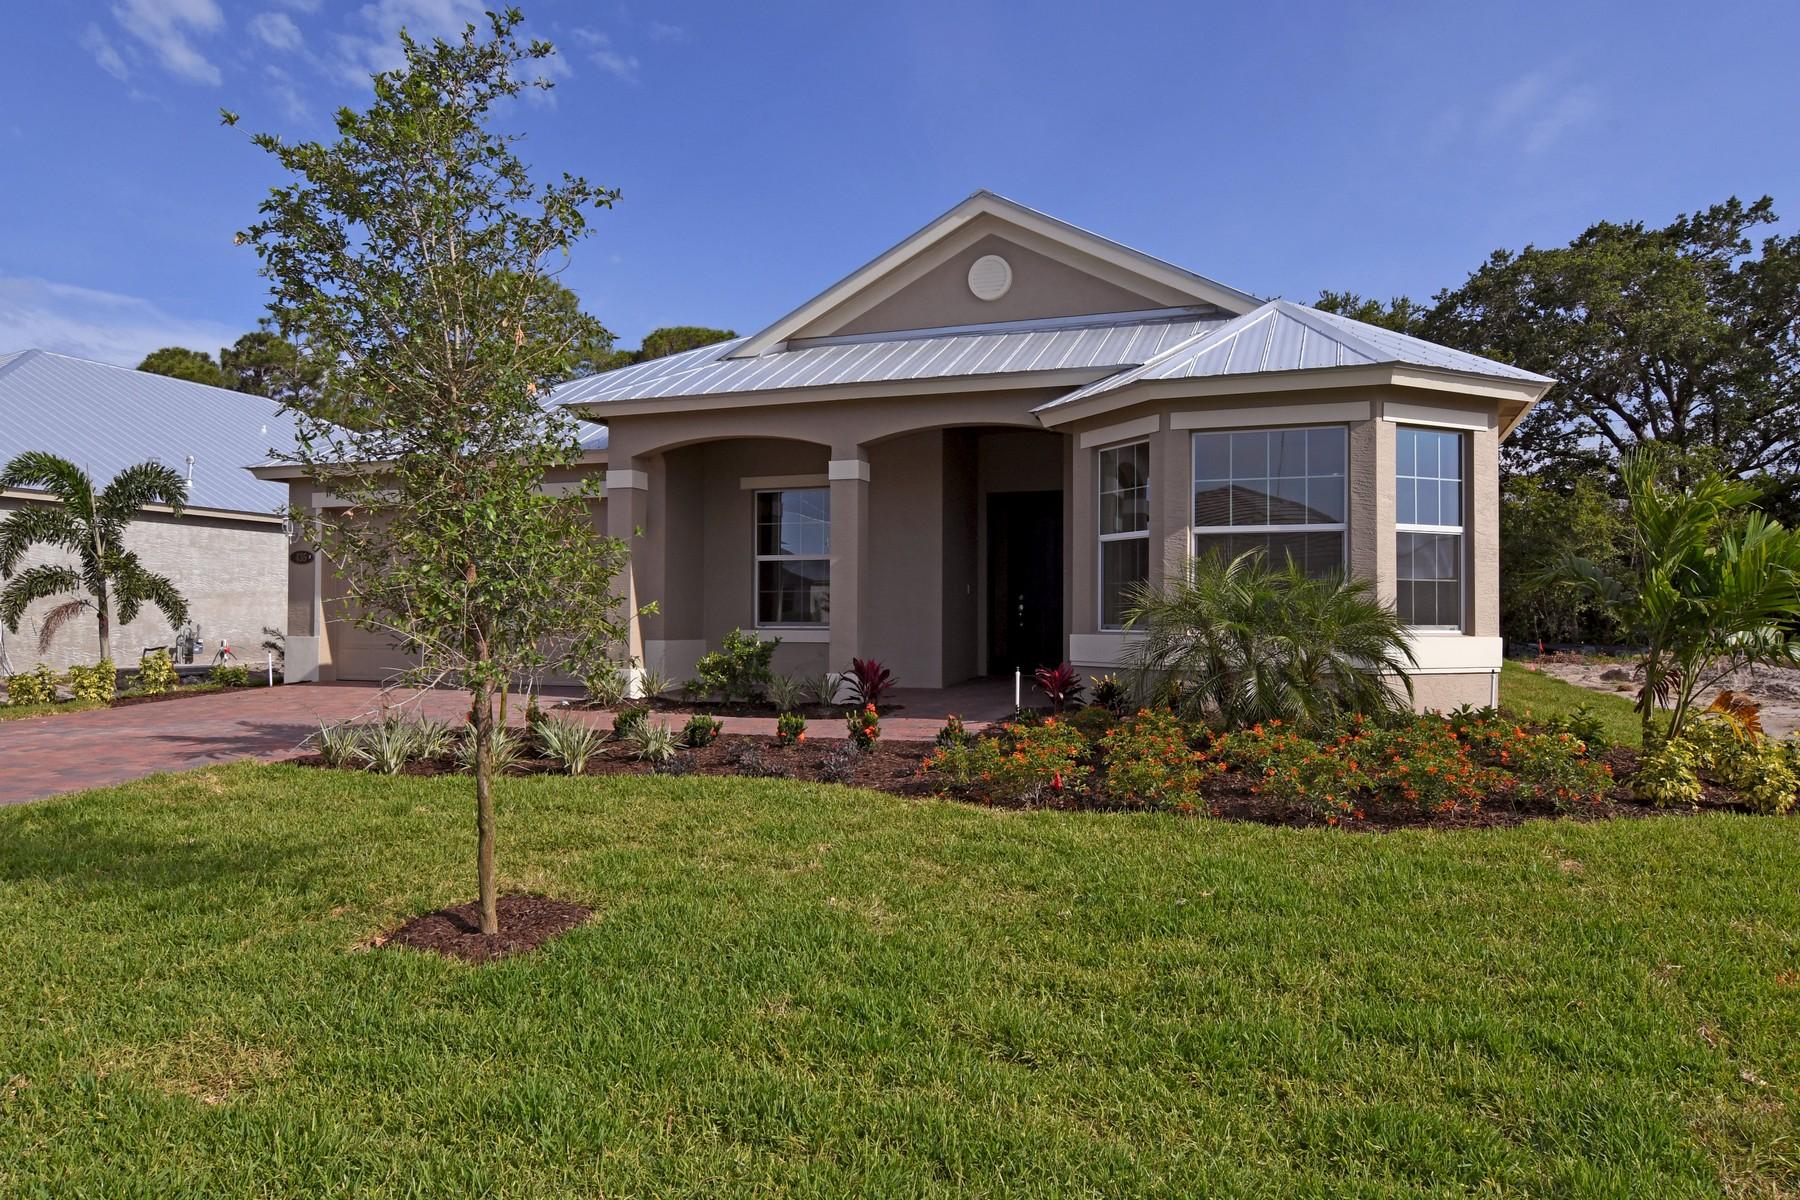 Maison unifamiliale pour l Vente à Brand New Construction Without the Wait 435 11th Square SW Vero Beach, Florida, 32962 États-Unis